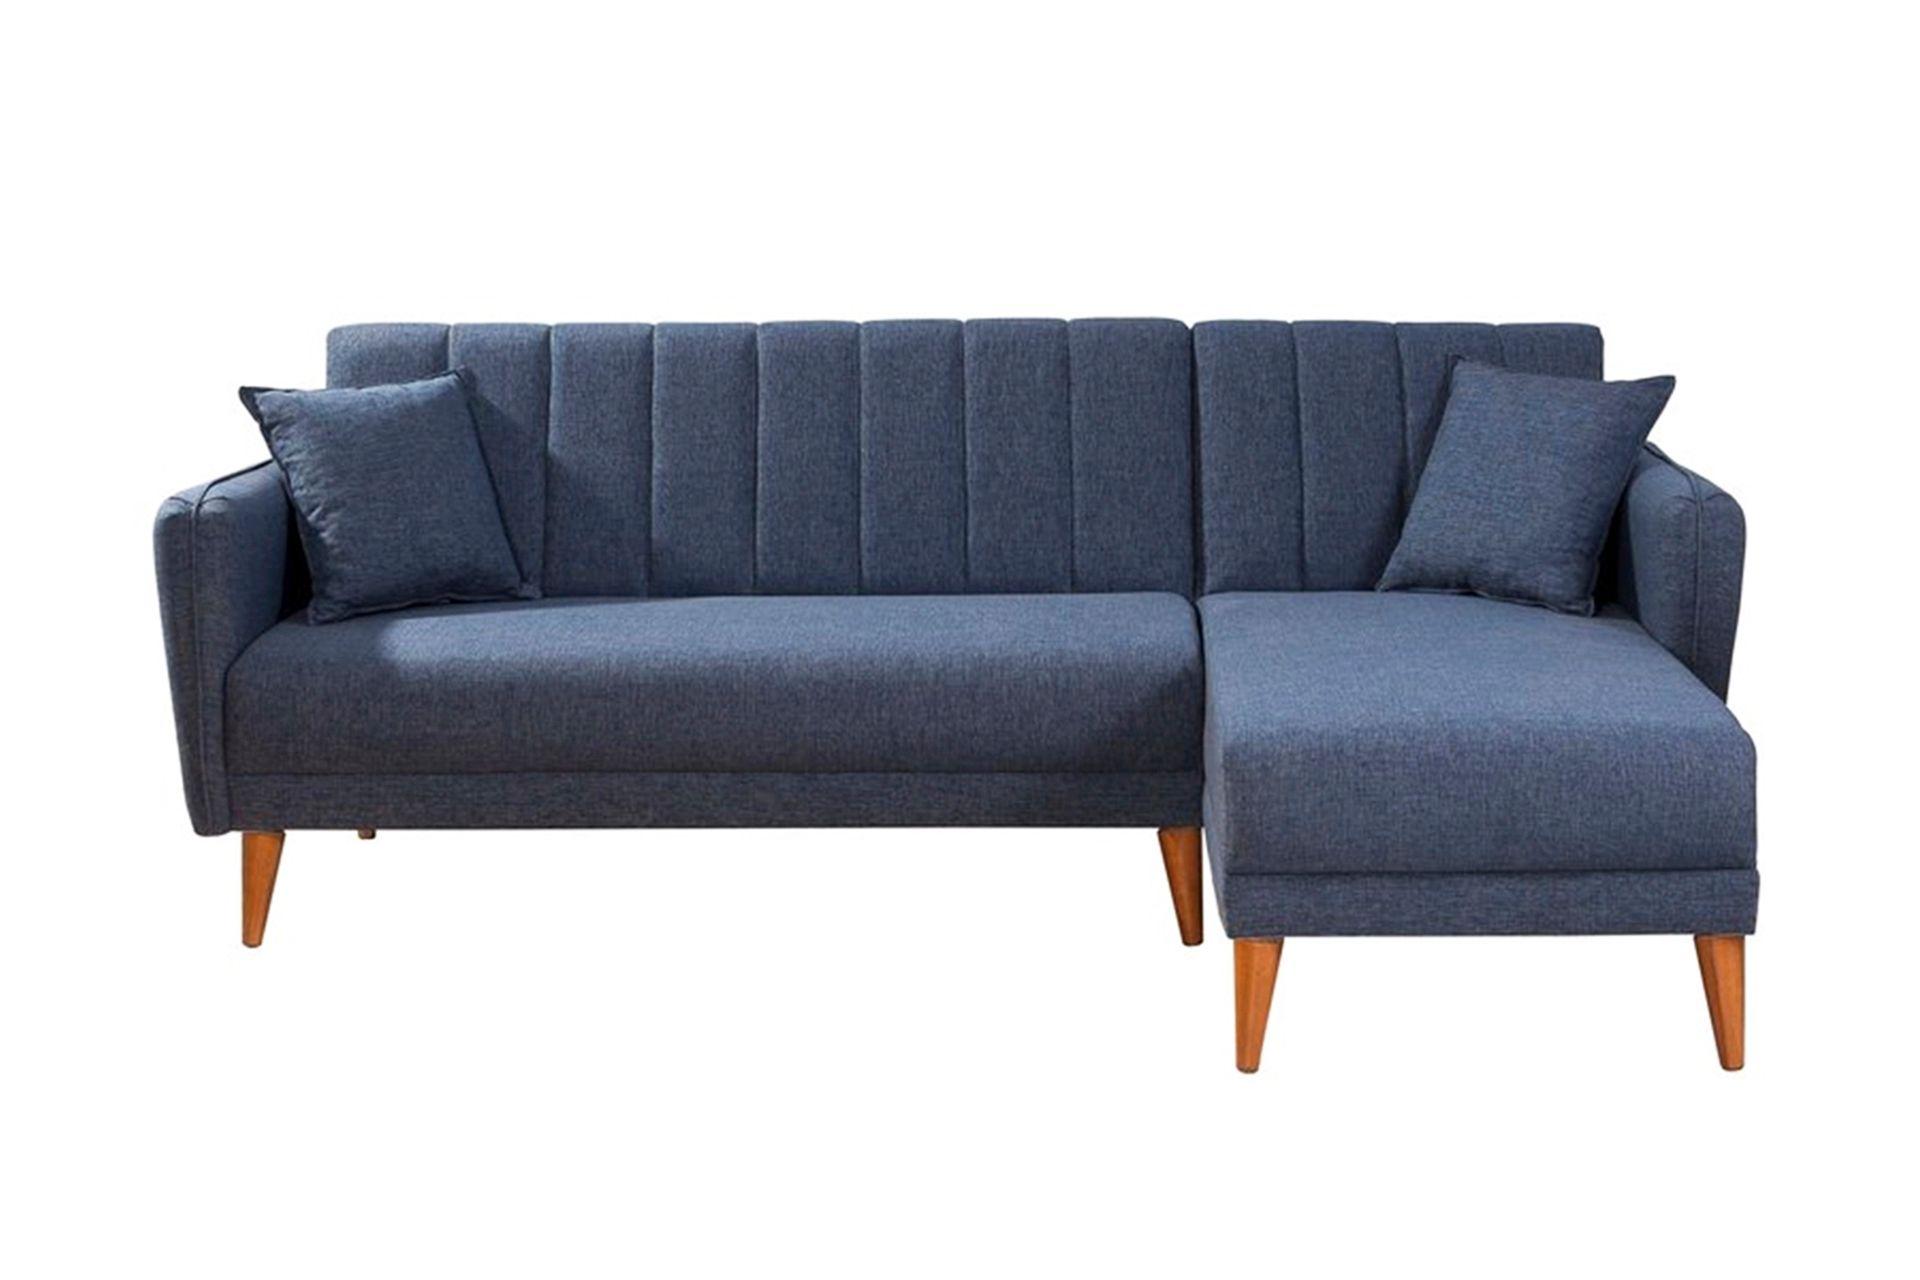 Aqua Corner Sofa Bed, Navy Blue (Right)